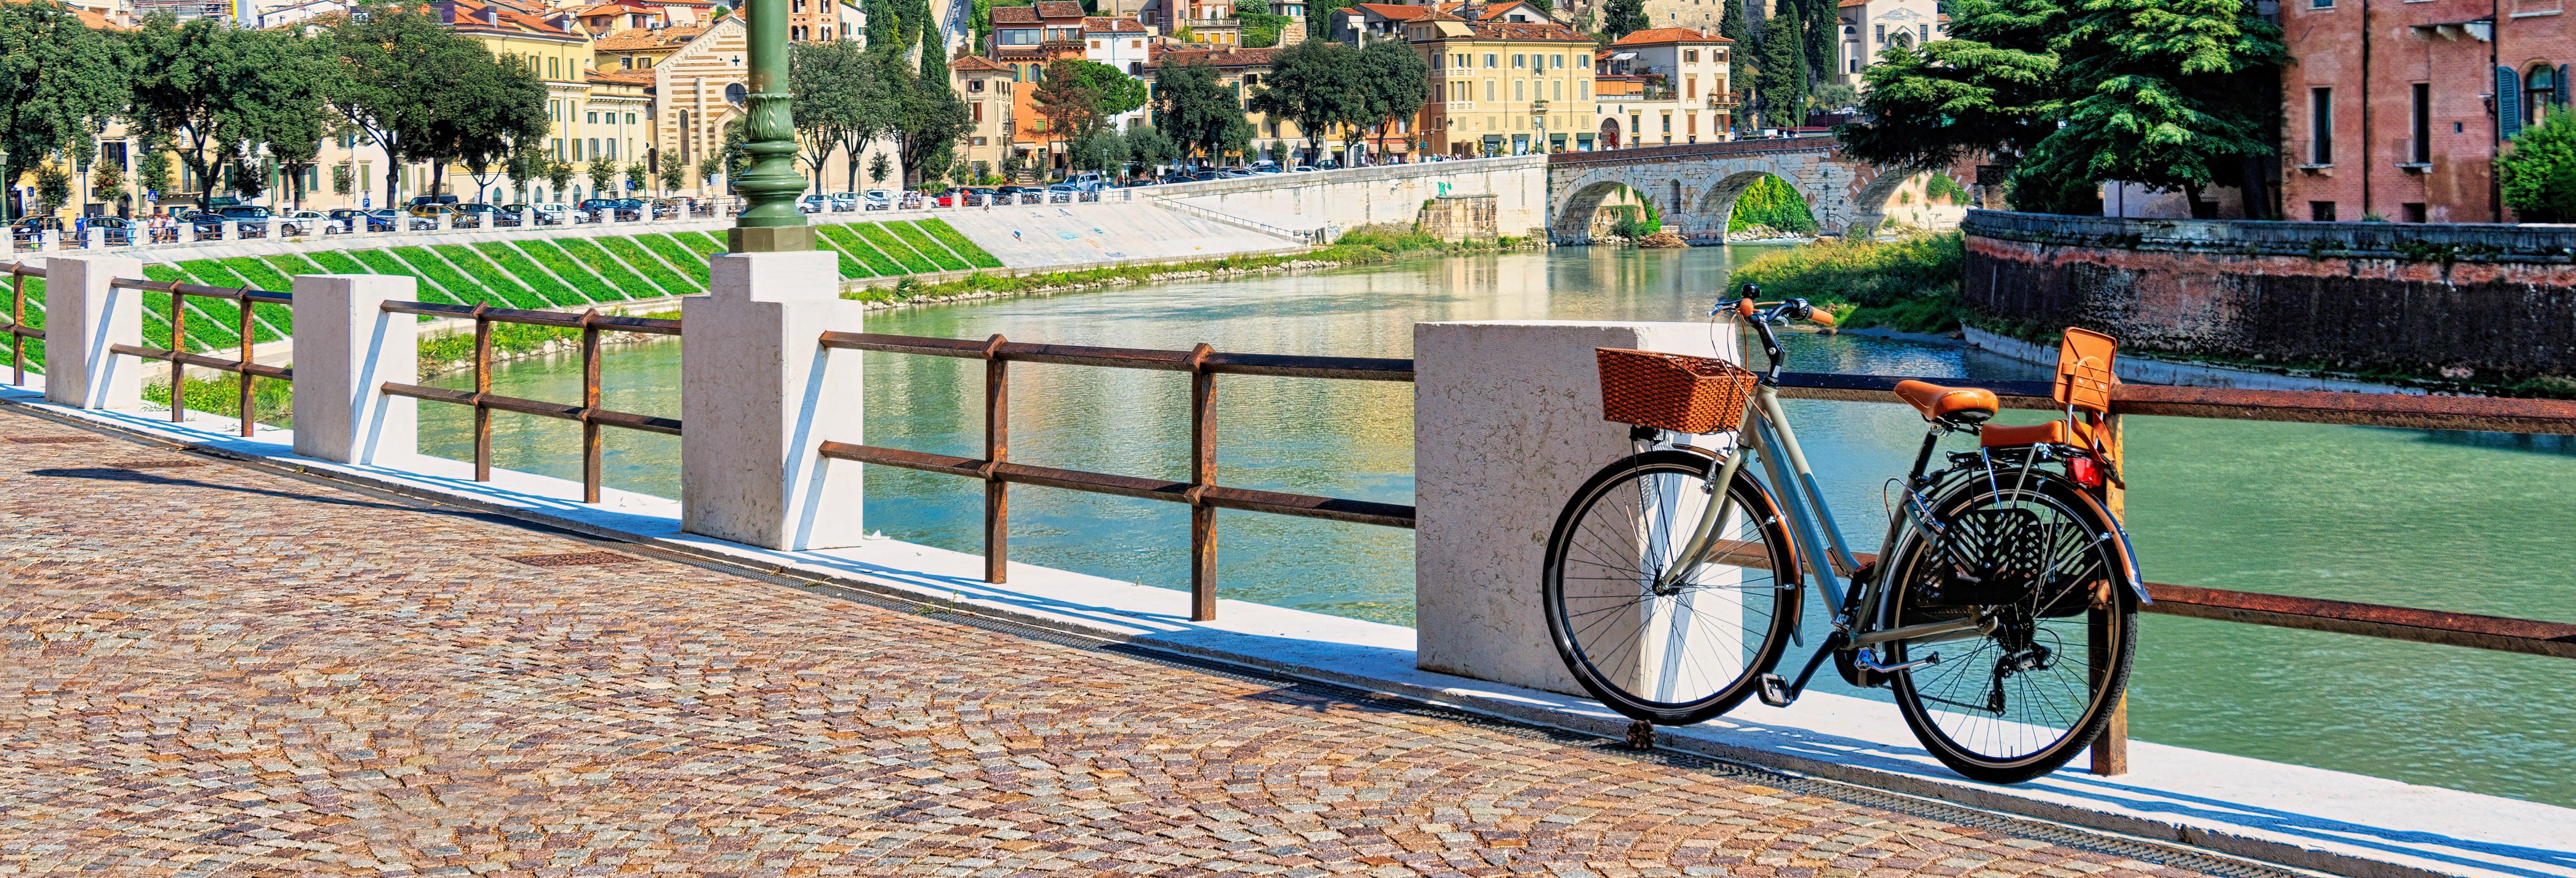 Tour di Verona in bicicletta